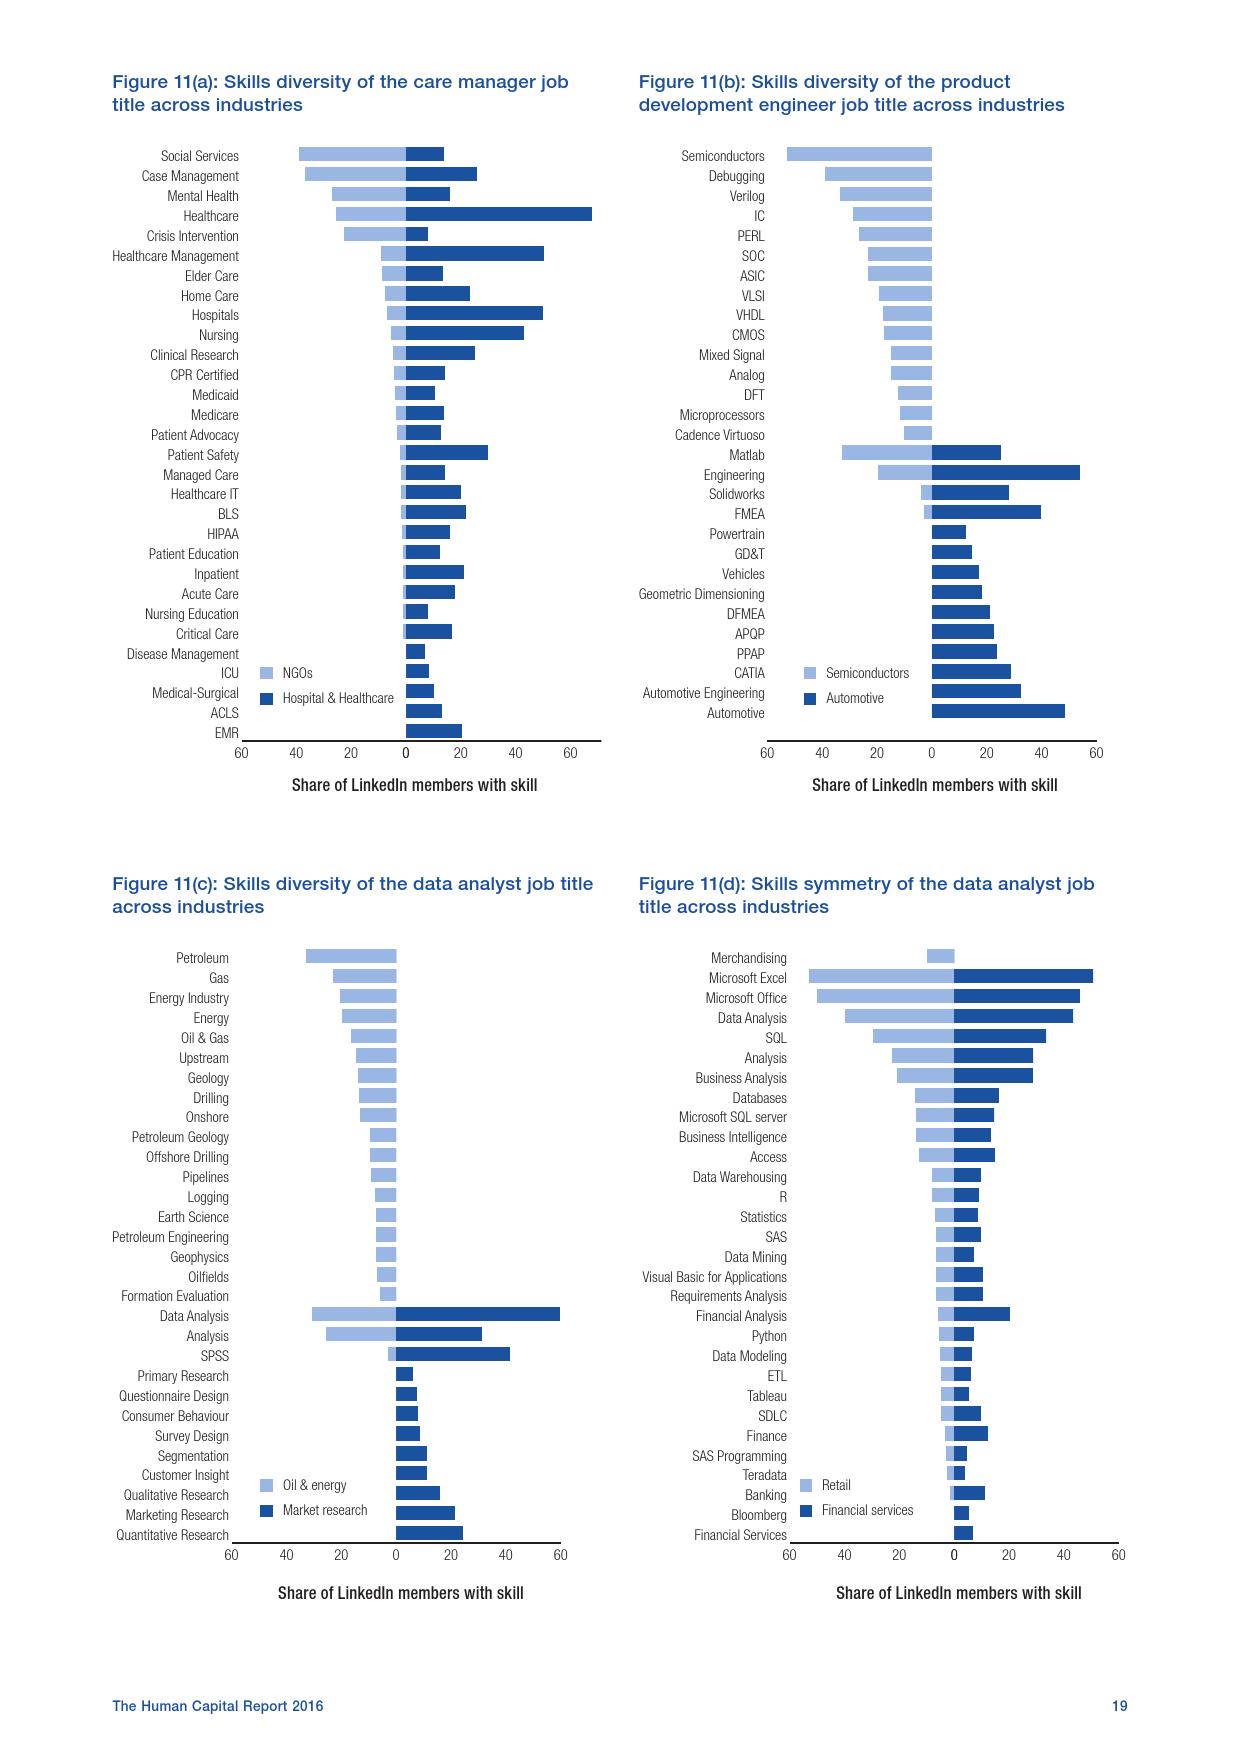 2016全球人力资本报告_000027